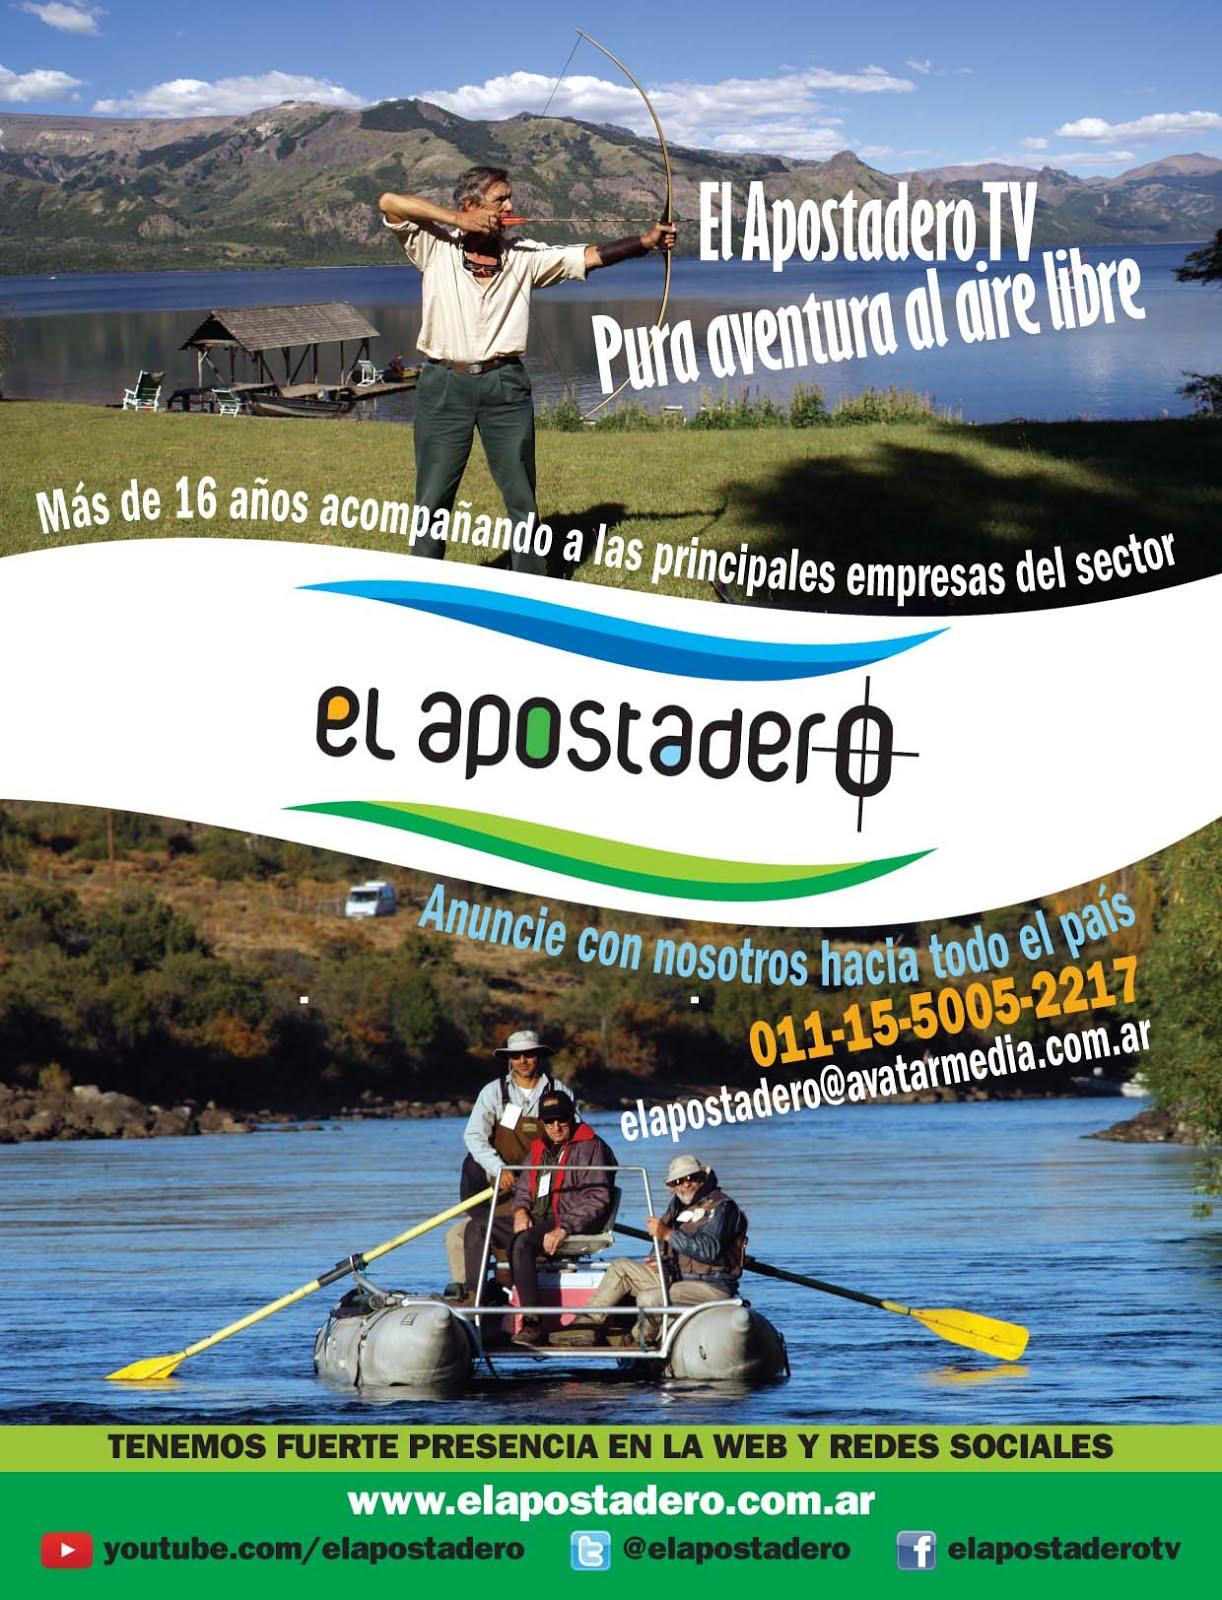 EL APOSTADERO TV